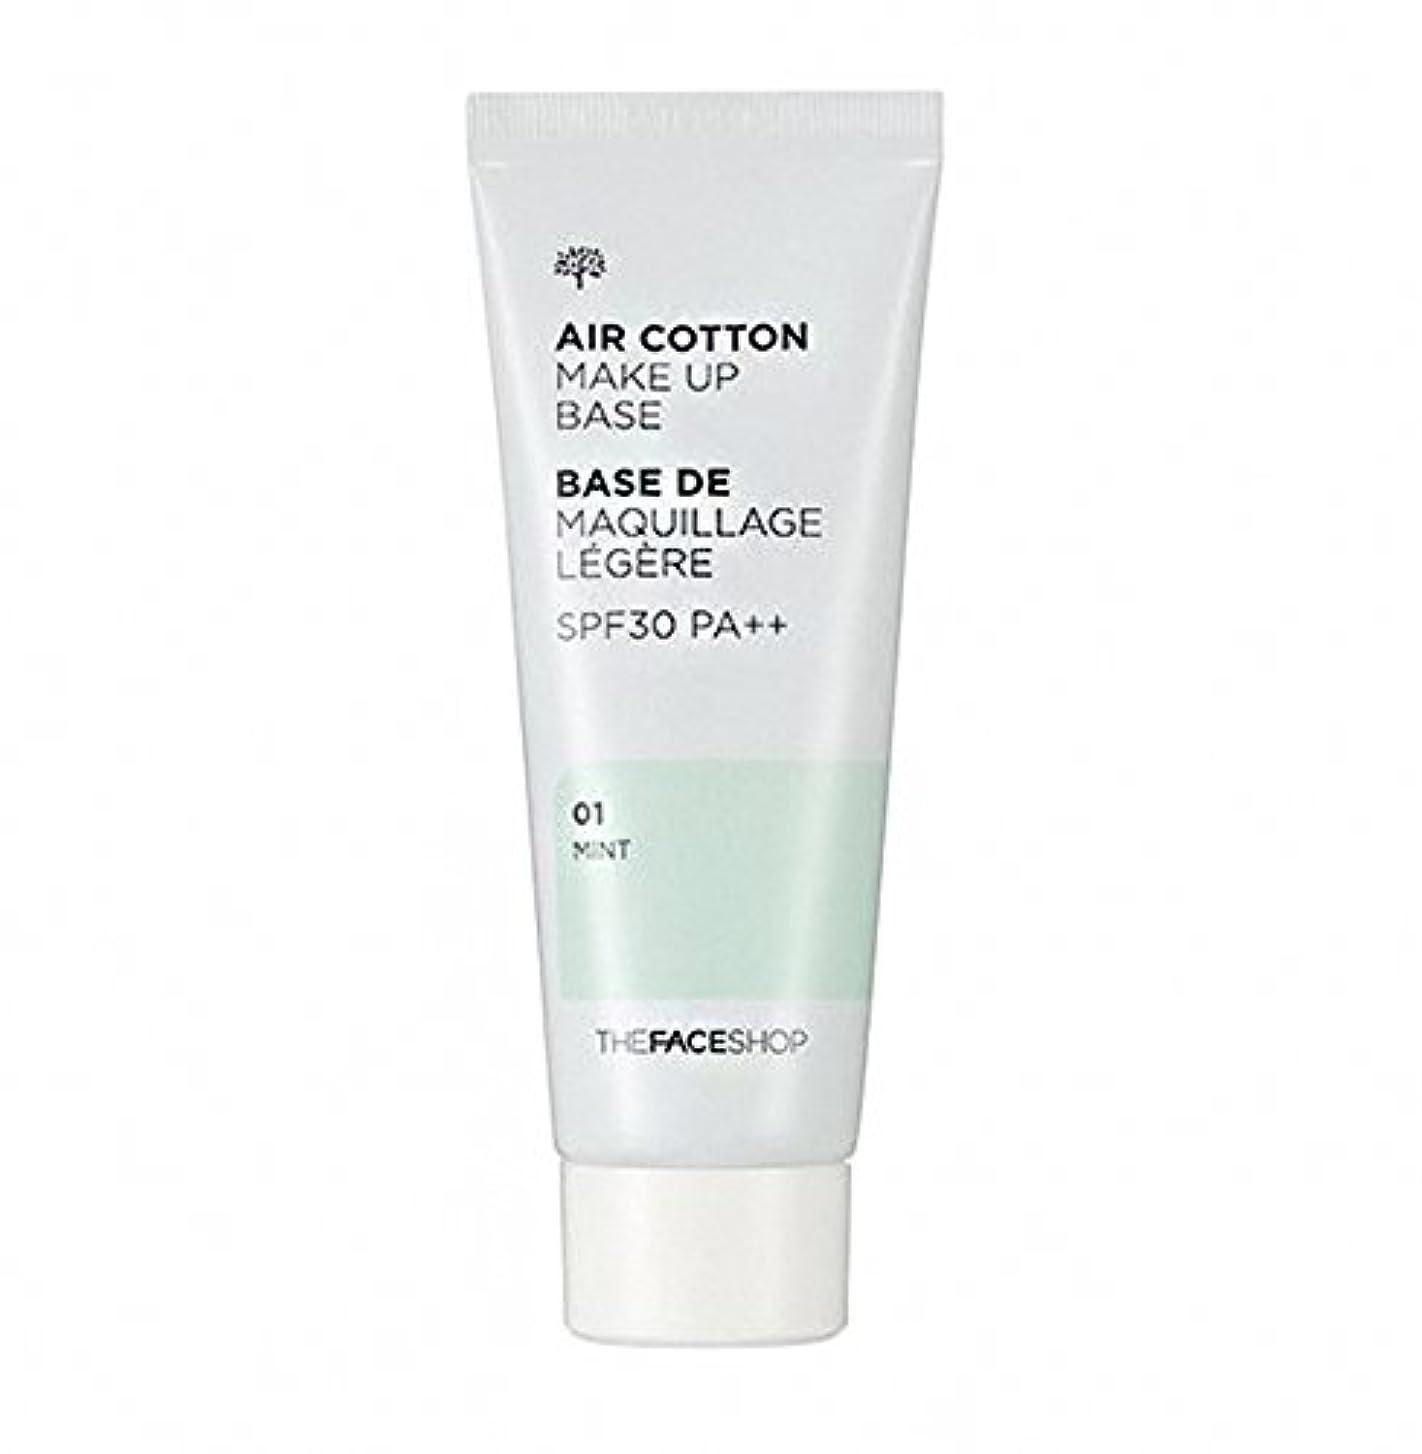 サルベージ広がり誘導ザ·フェイスショップ The Face Shop エアコットン メーキャップ ベース 40ml(01 ミント) The Face Shop air Cotton Makeup Base 40ml(01 Mint) [海外直送品]